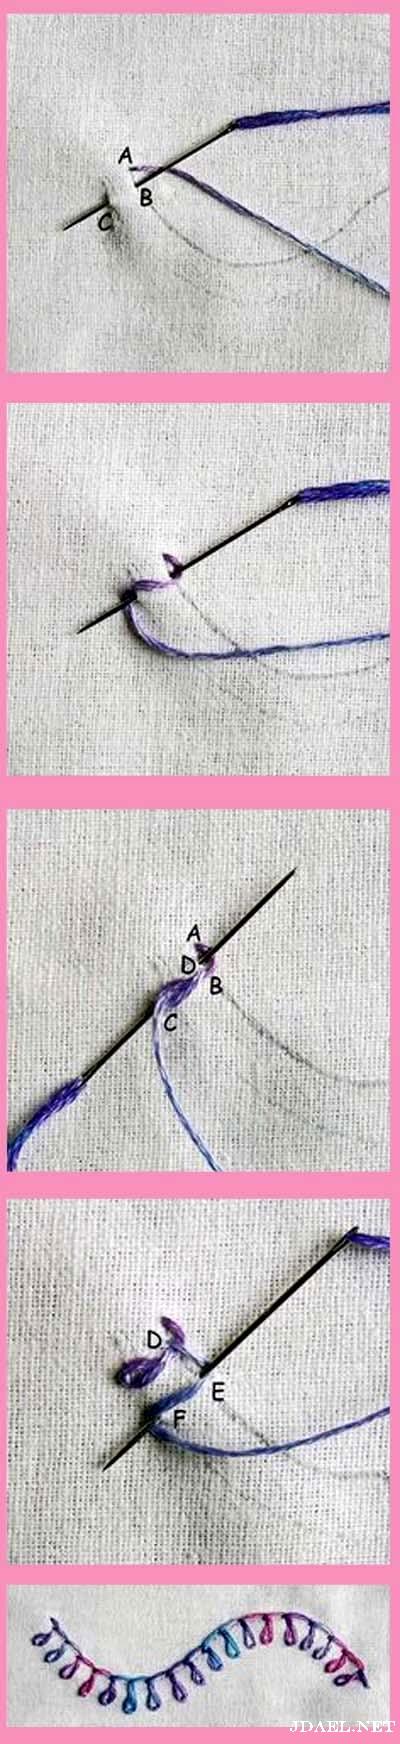 تطريز قبات وحواف الفساتين الانيقة 15891484827981.jpg